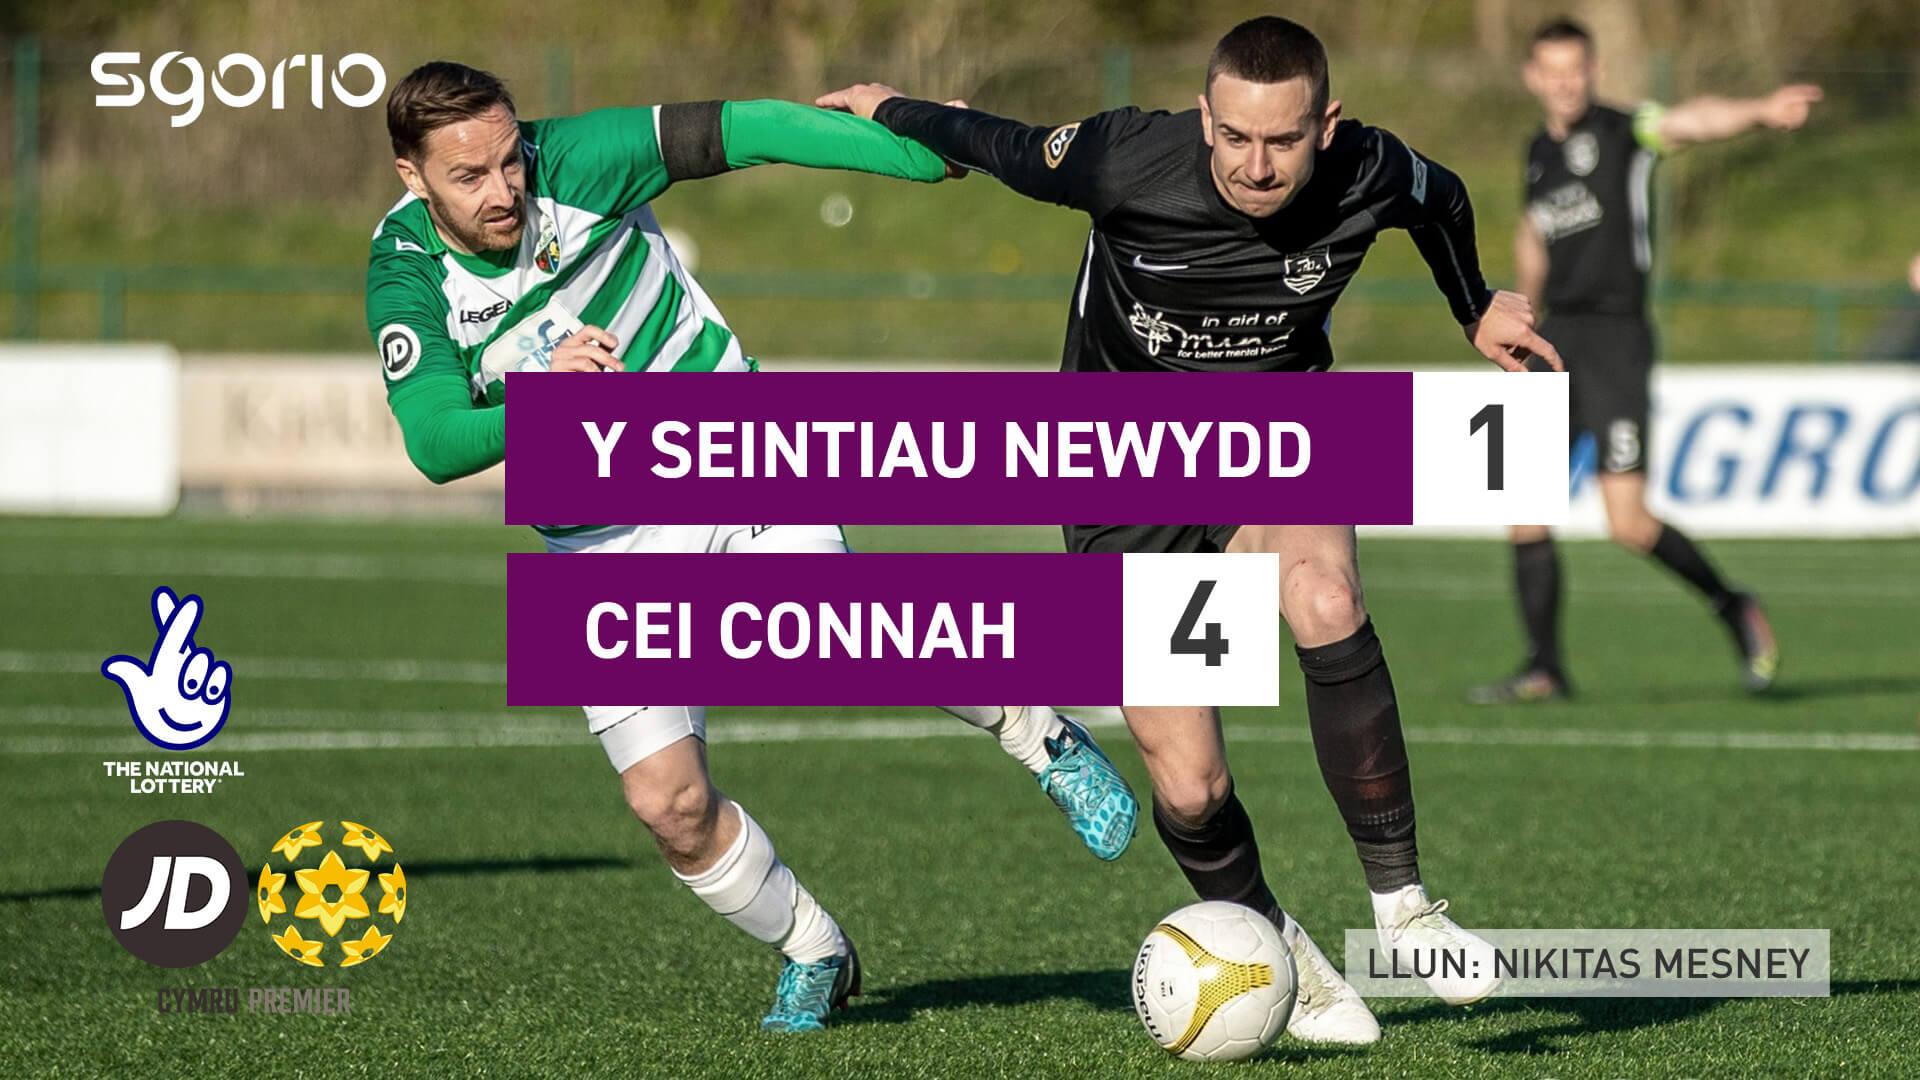 Y Seintiau Newydd 1-4 Cei Connah